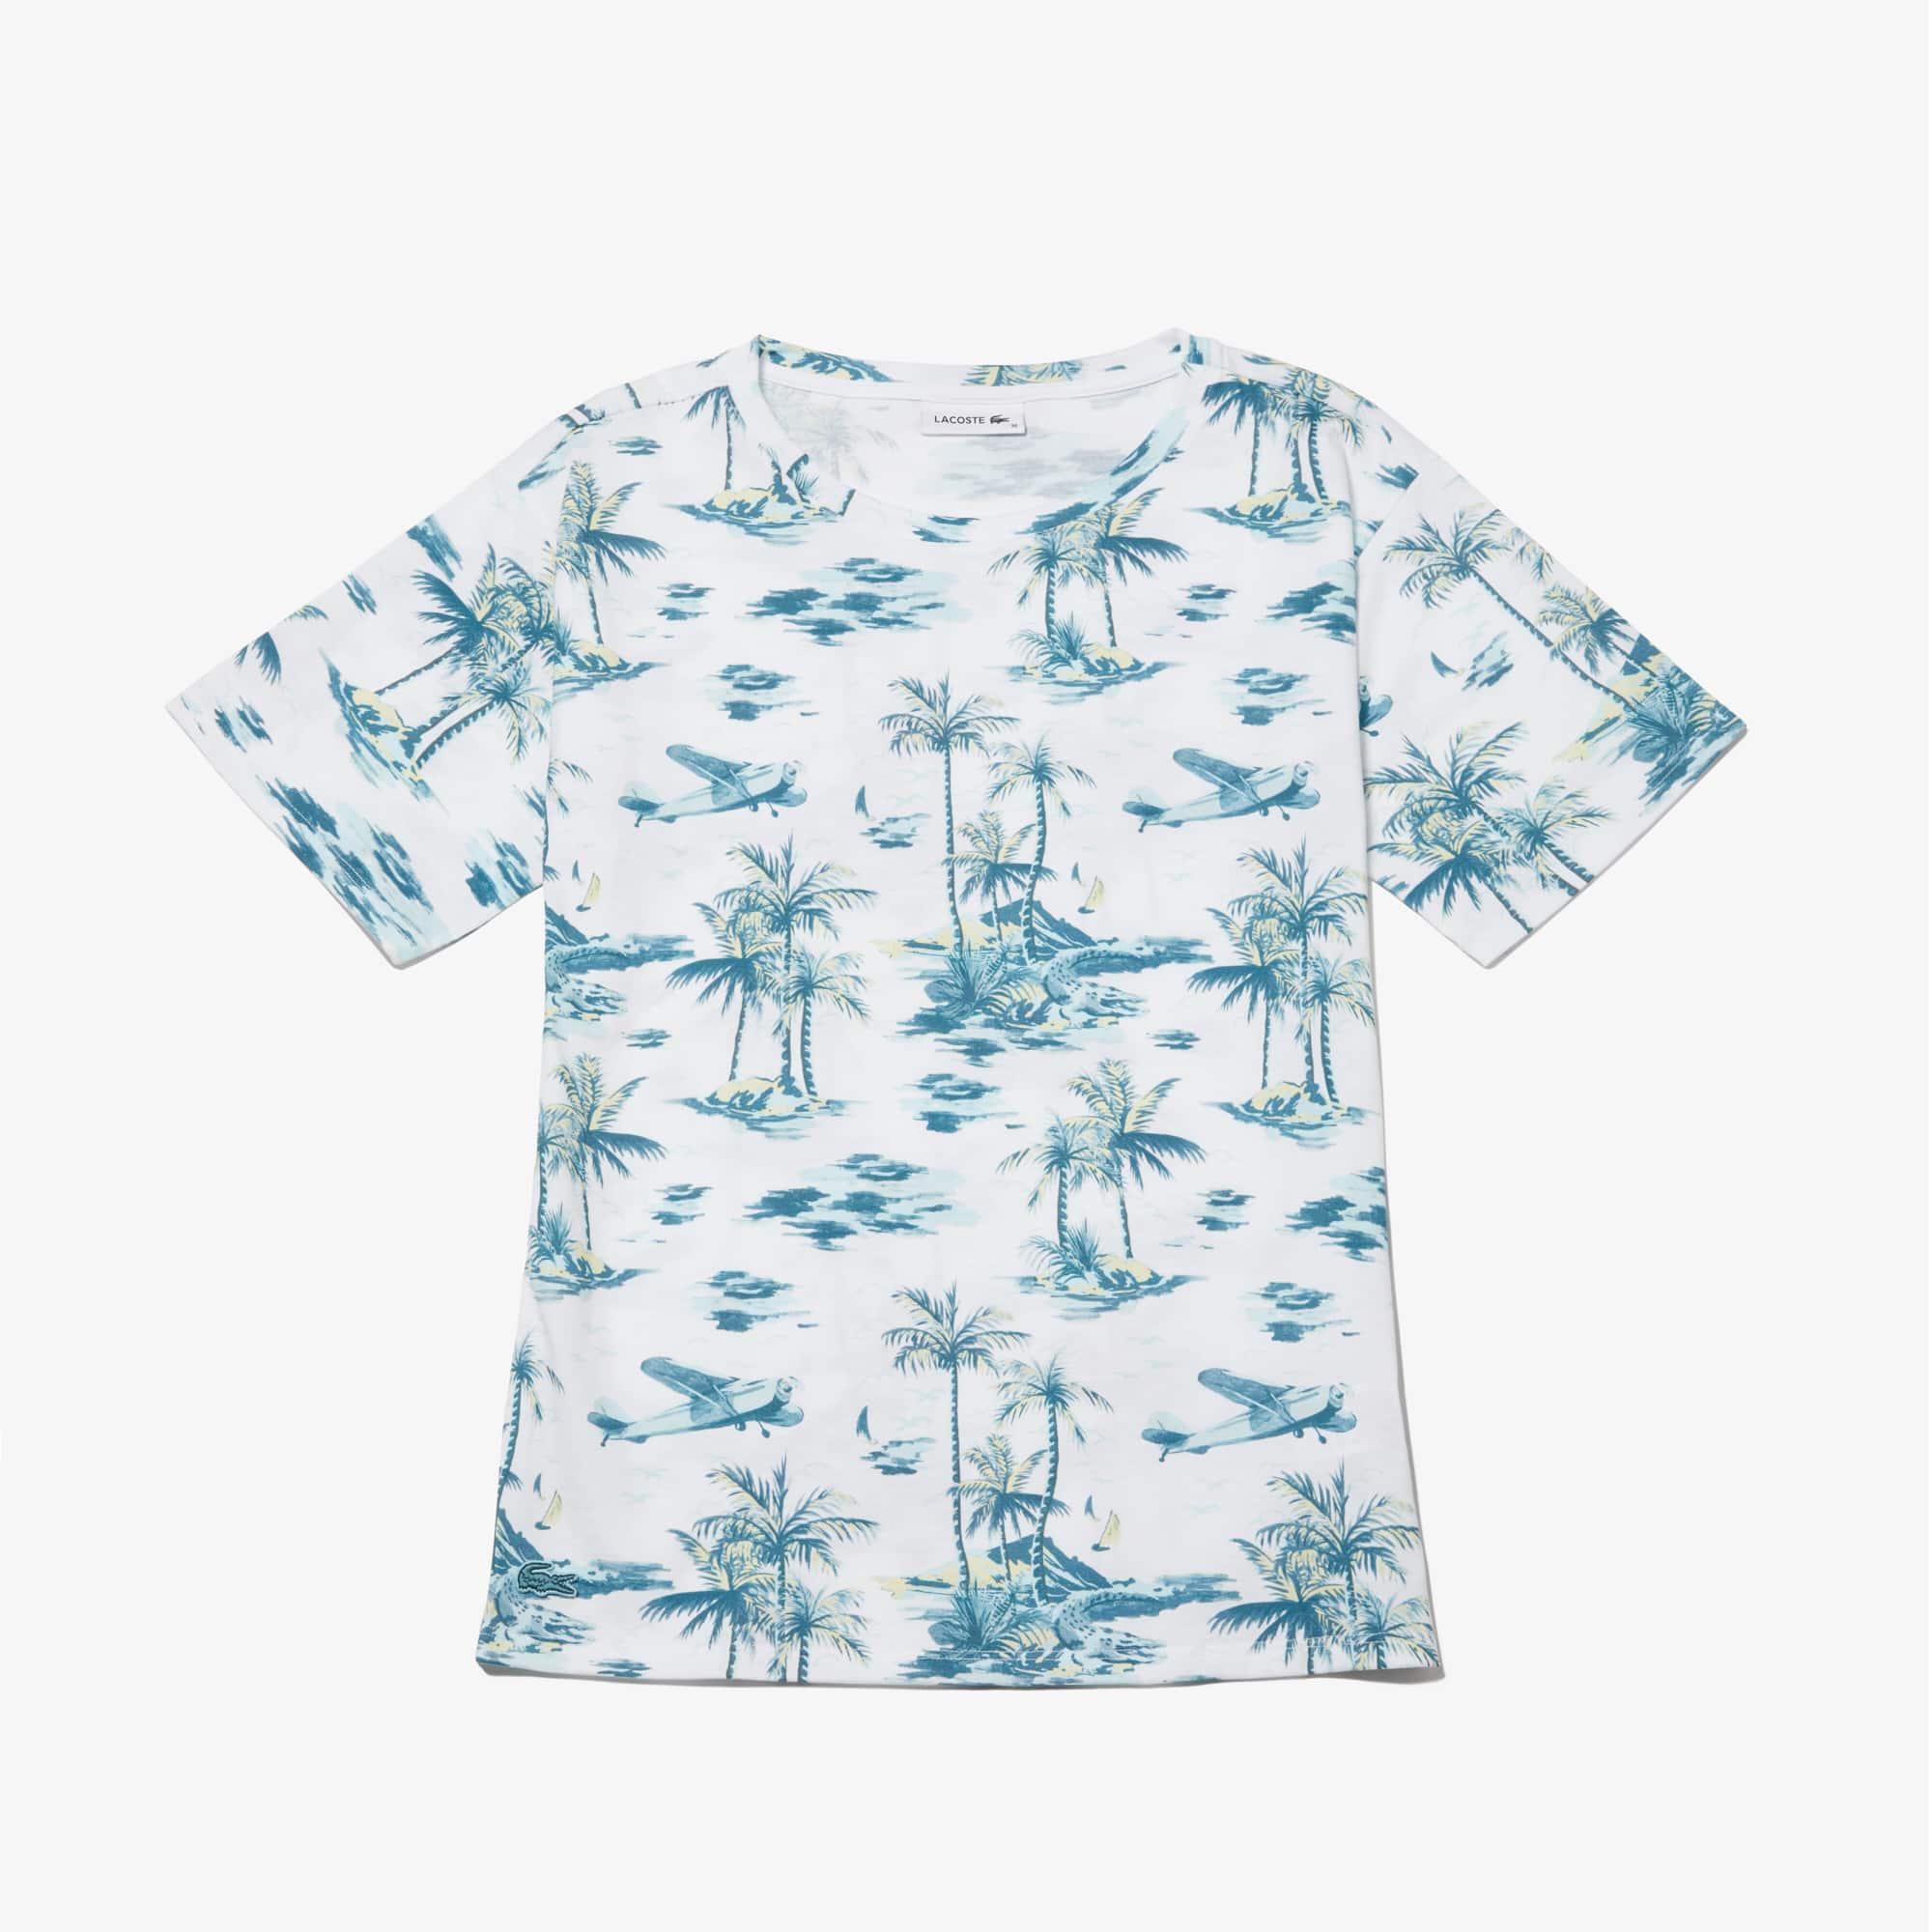 라코스테 Lacoste Womens Crew Neck Jersey T-shirt,White - 001 (Selected color)